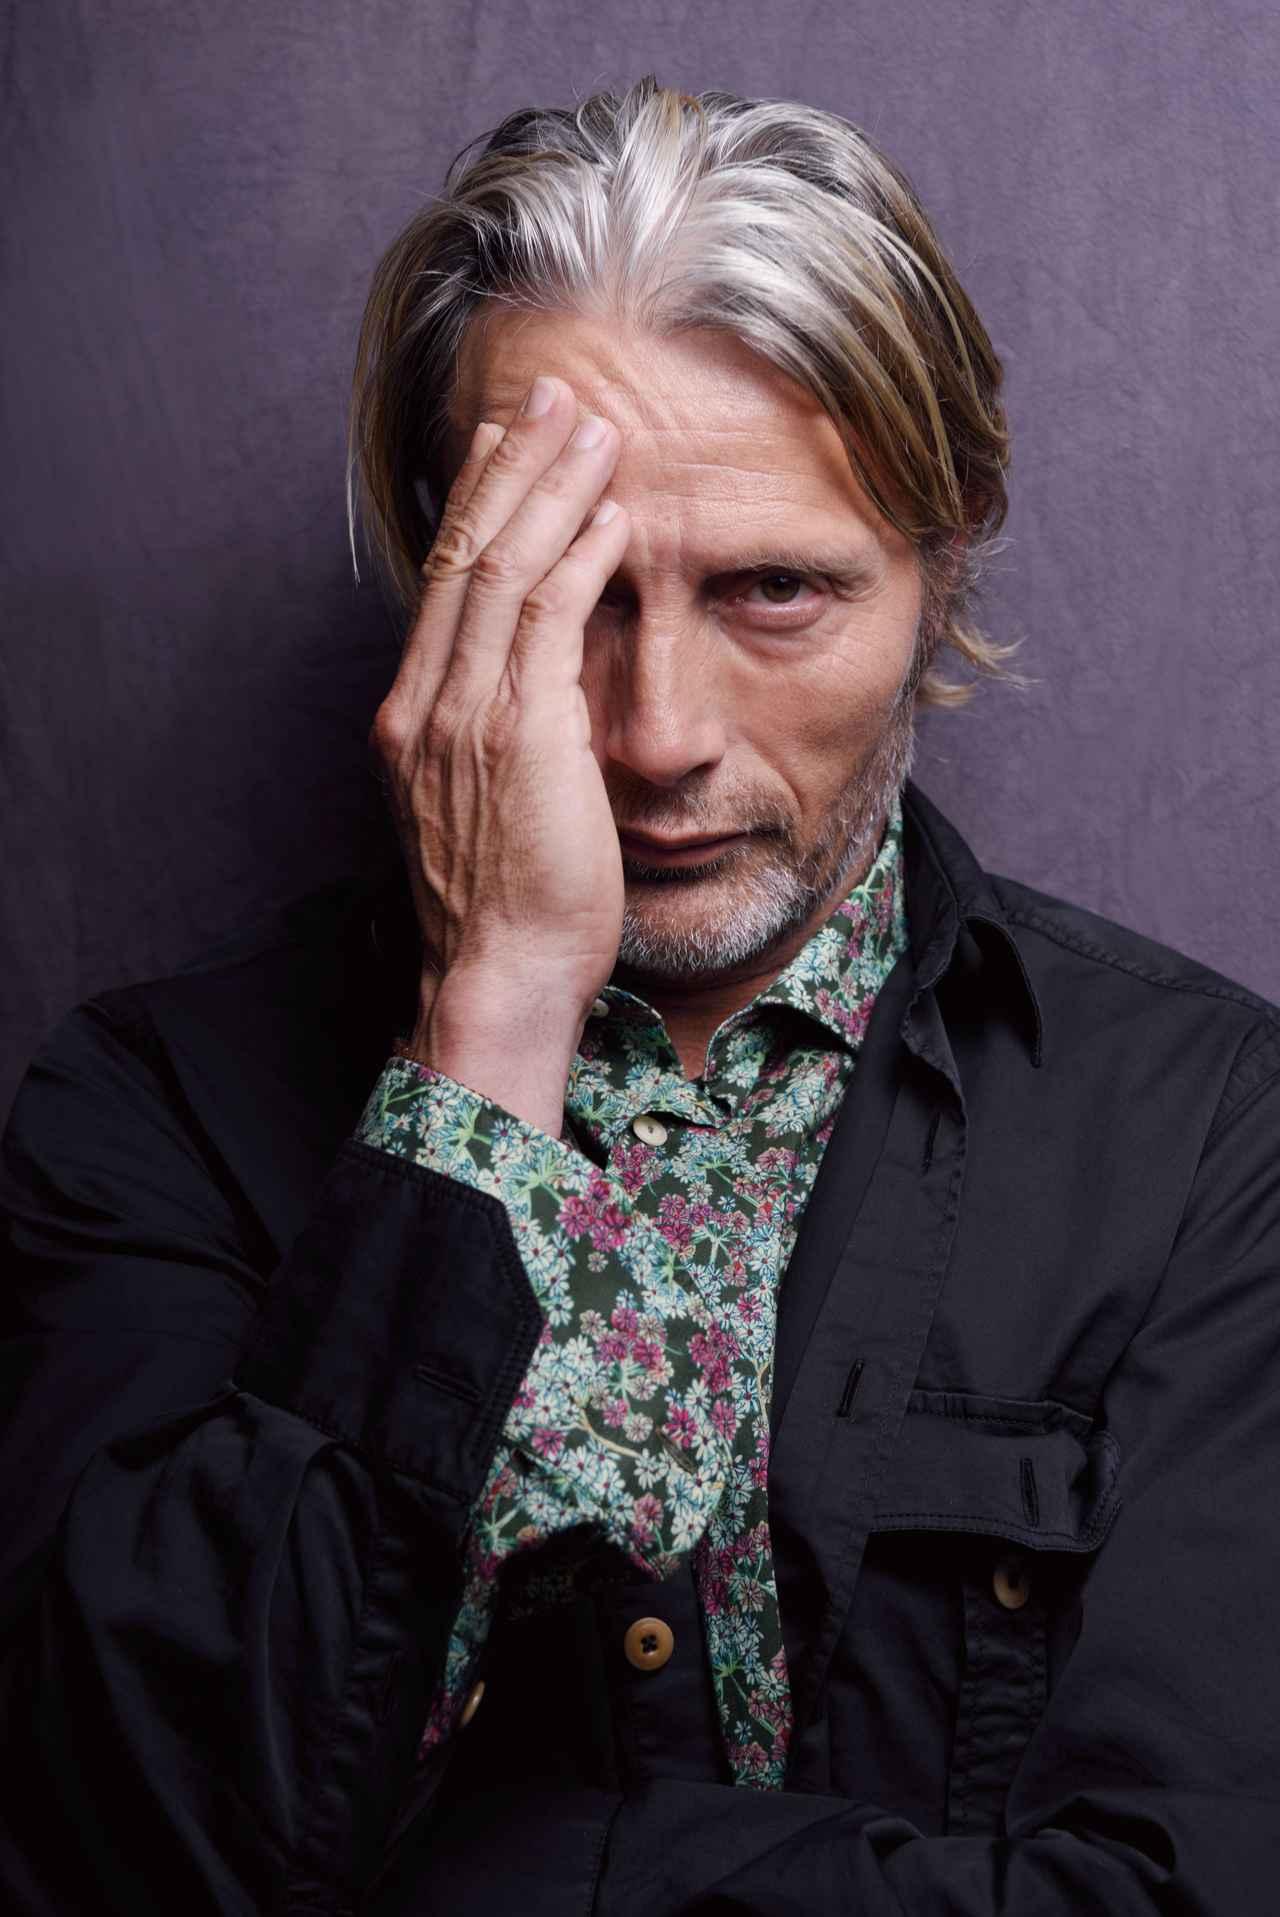 画像1: 【写真たっぷり】マッツ・ミケルセン来日インタビュー2019年11月版